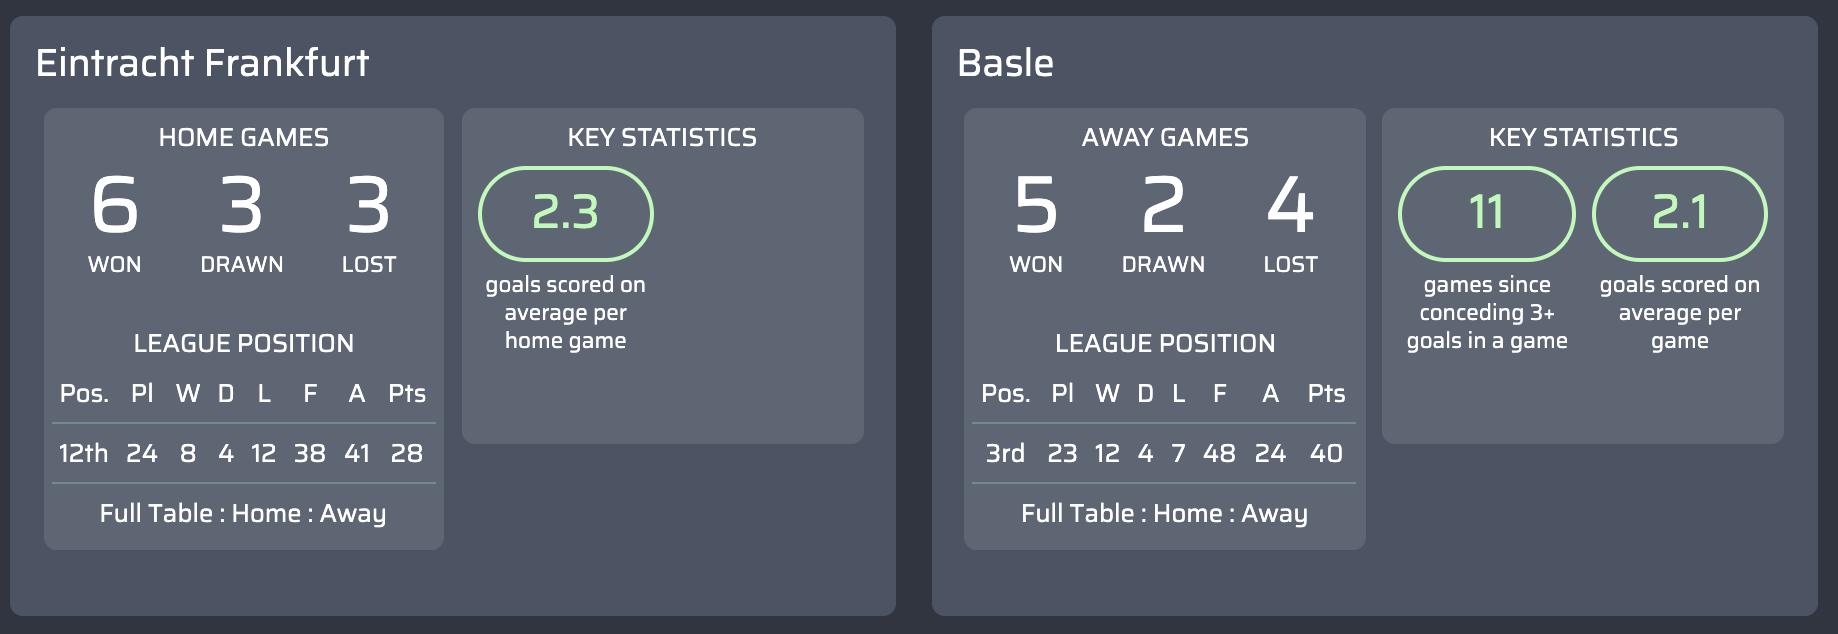 máy tính dự đoán Eintracht Frankfurt v Basle